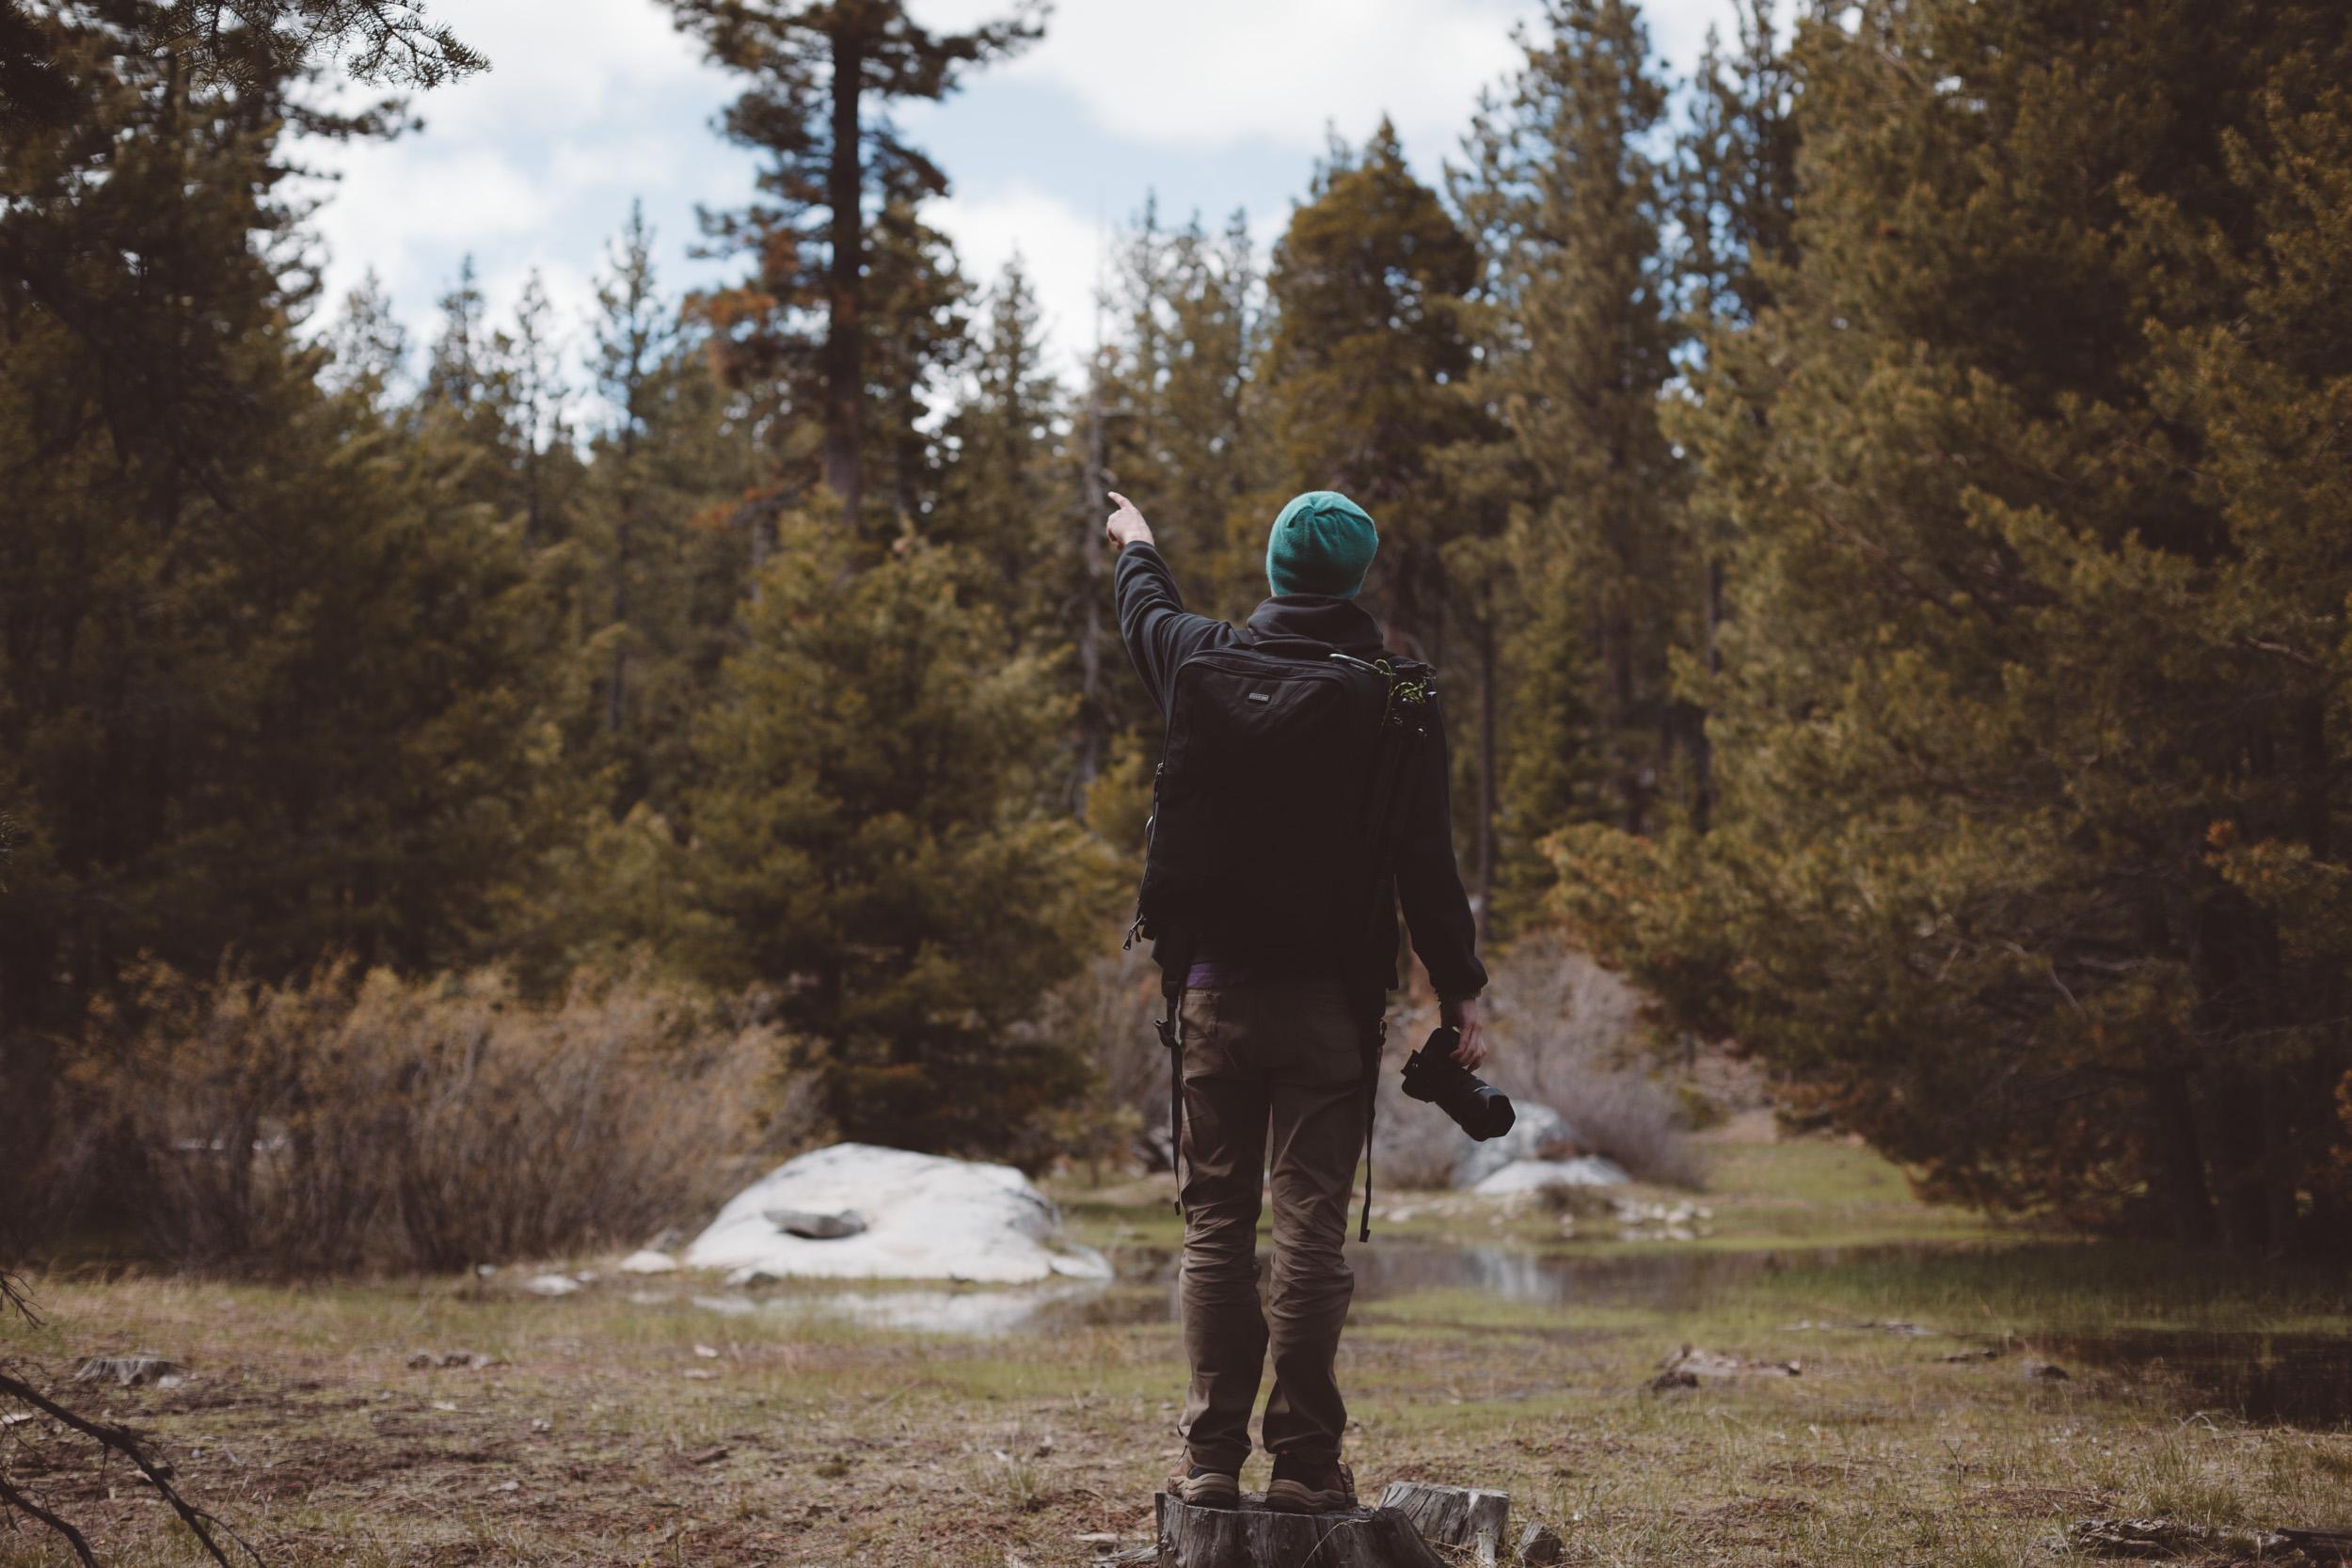 west-shore-adventure-meeks-bay-hike-and-shoot-1.jpg